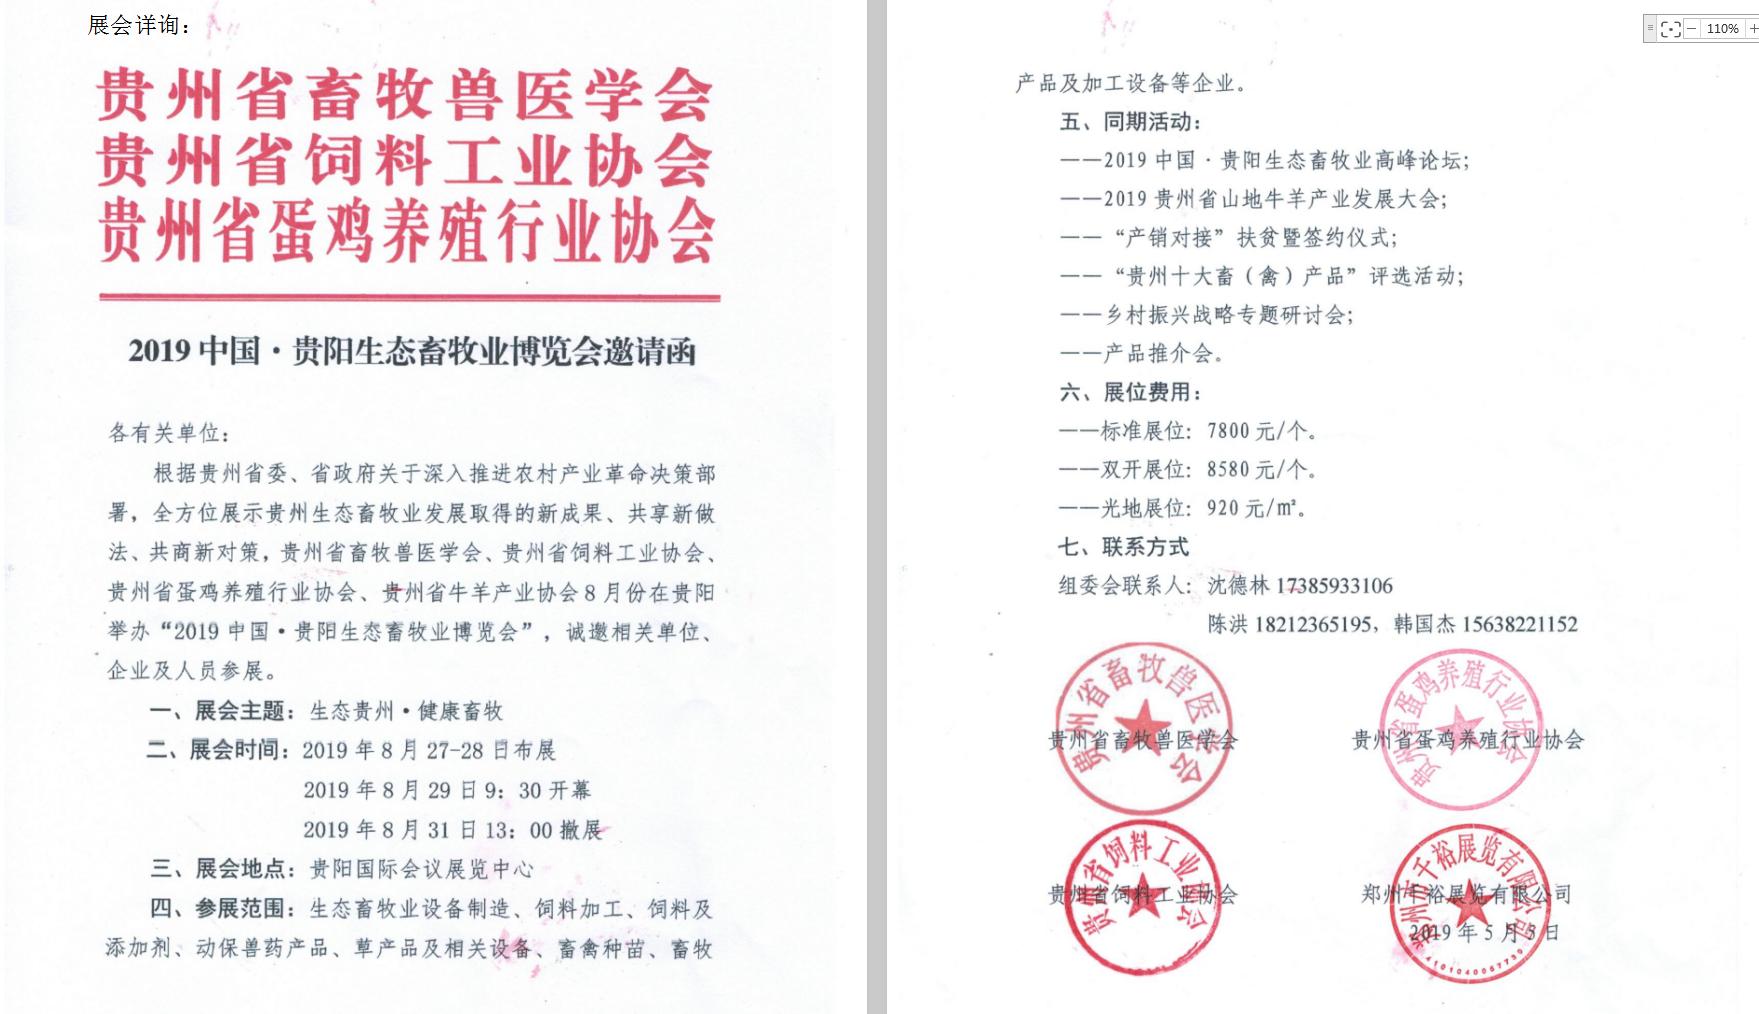 2019中国(贵阳)饲料加工工业展览会